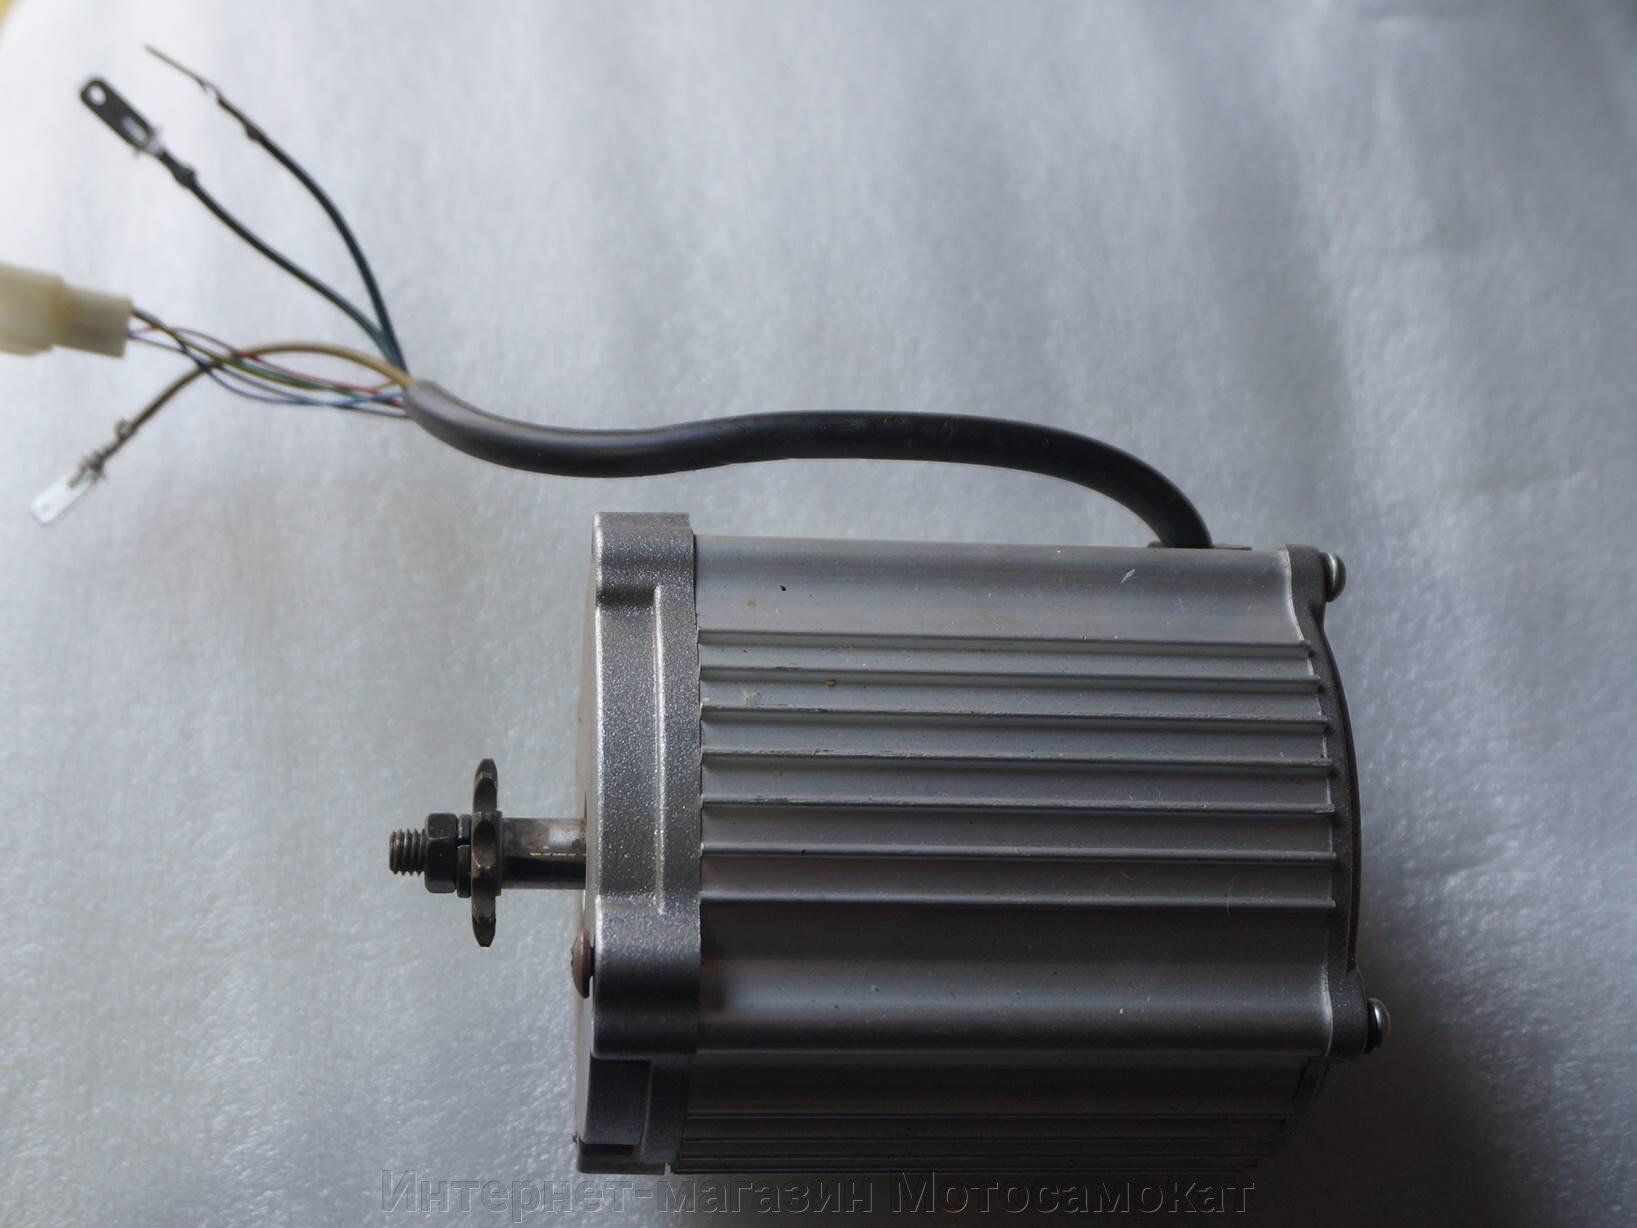 Бесколлектроный электродвигать 48 вольт 800 ватт для Headway-2 - фото Бесколлектроный электродвигать 48 вольт 800 ватт для Headway-2.